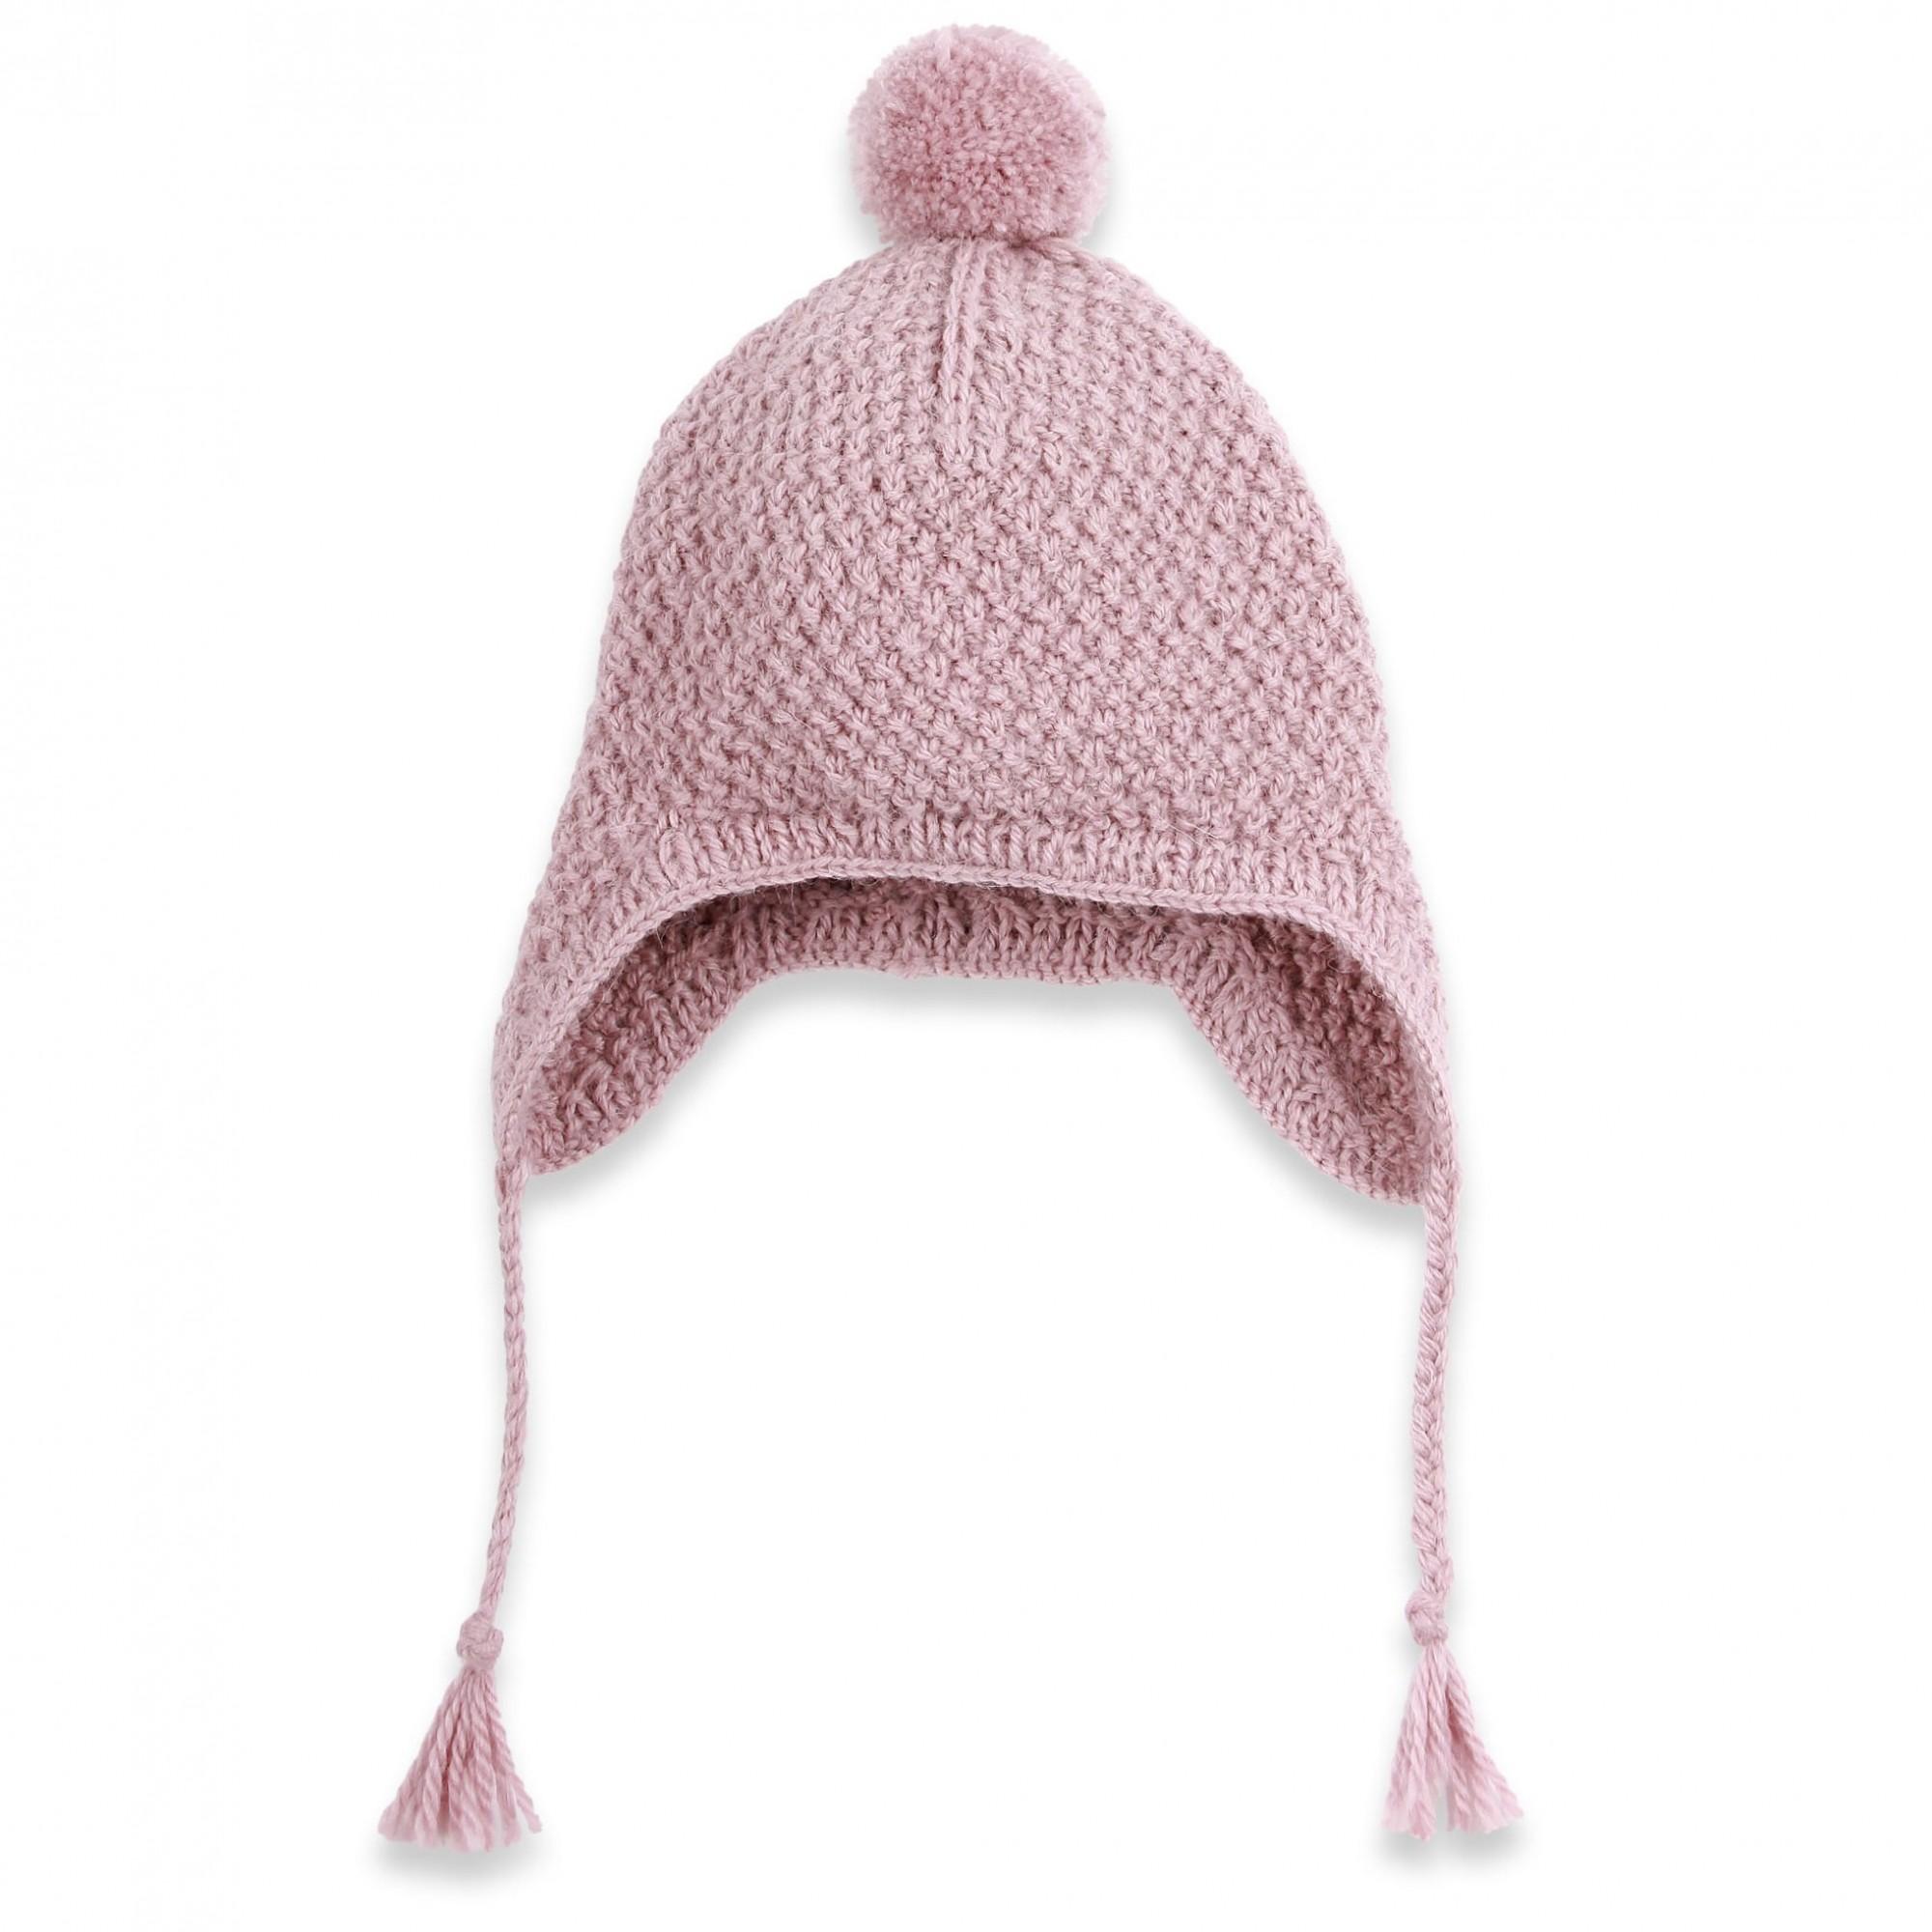 les tricots de mamy bonnet b b fille avec pompom mauve poudr tricot main avec m lange. Black Bedroom Furniture Sets. Home Design Ideas